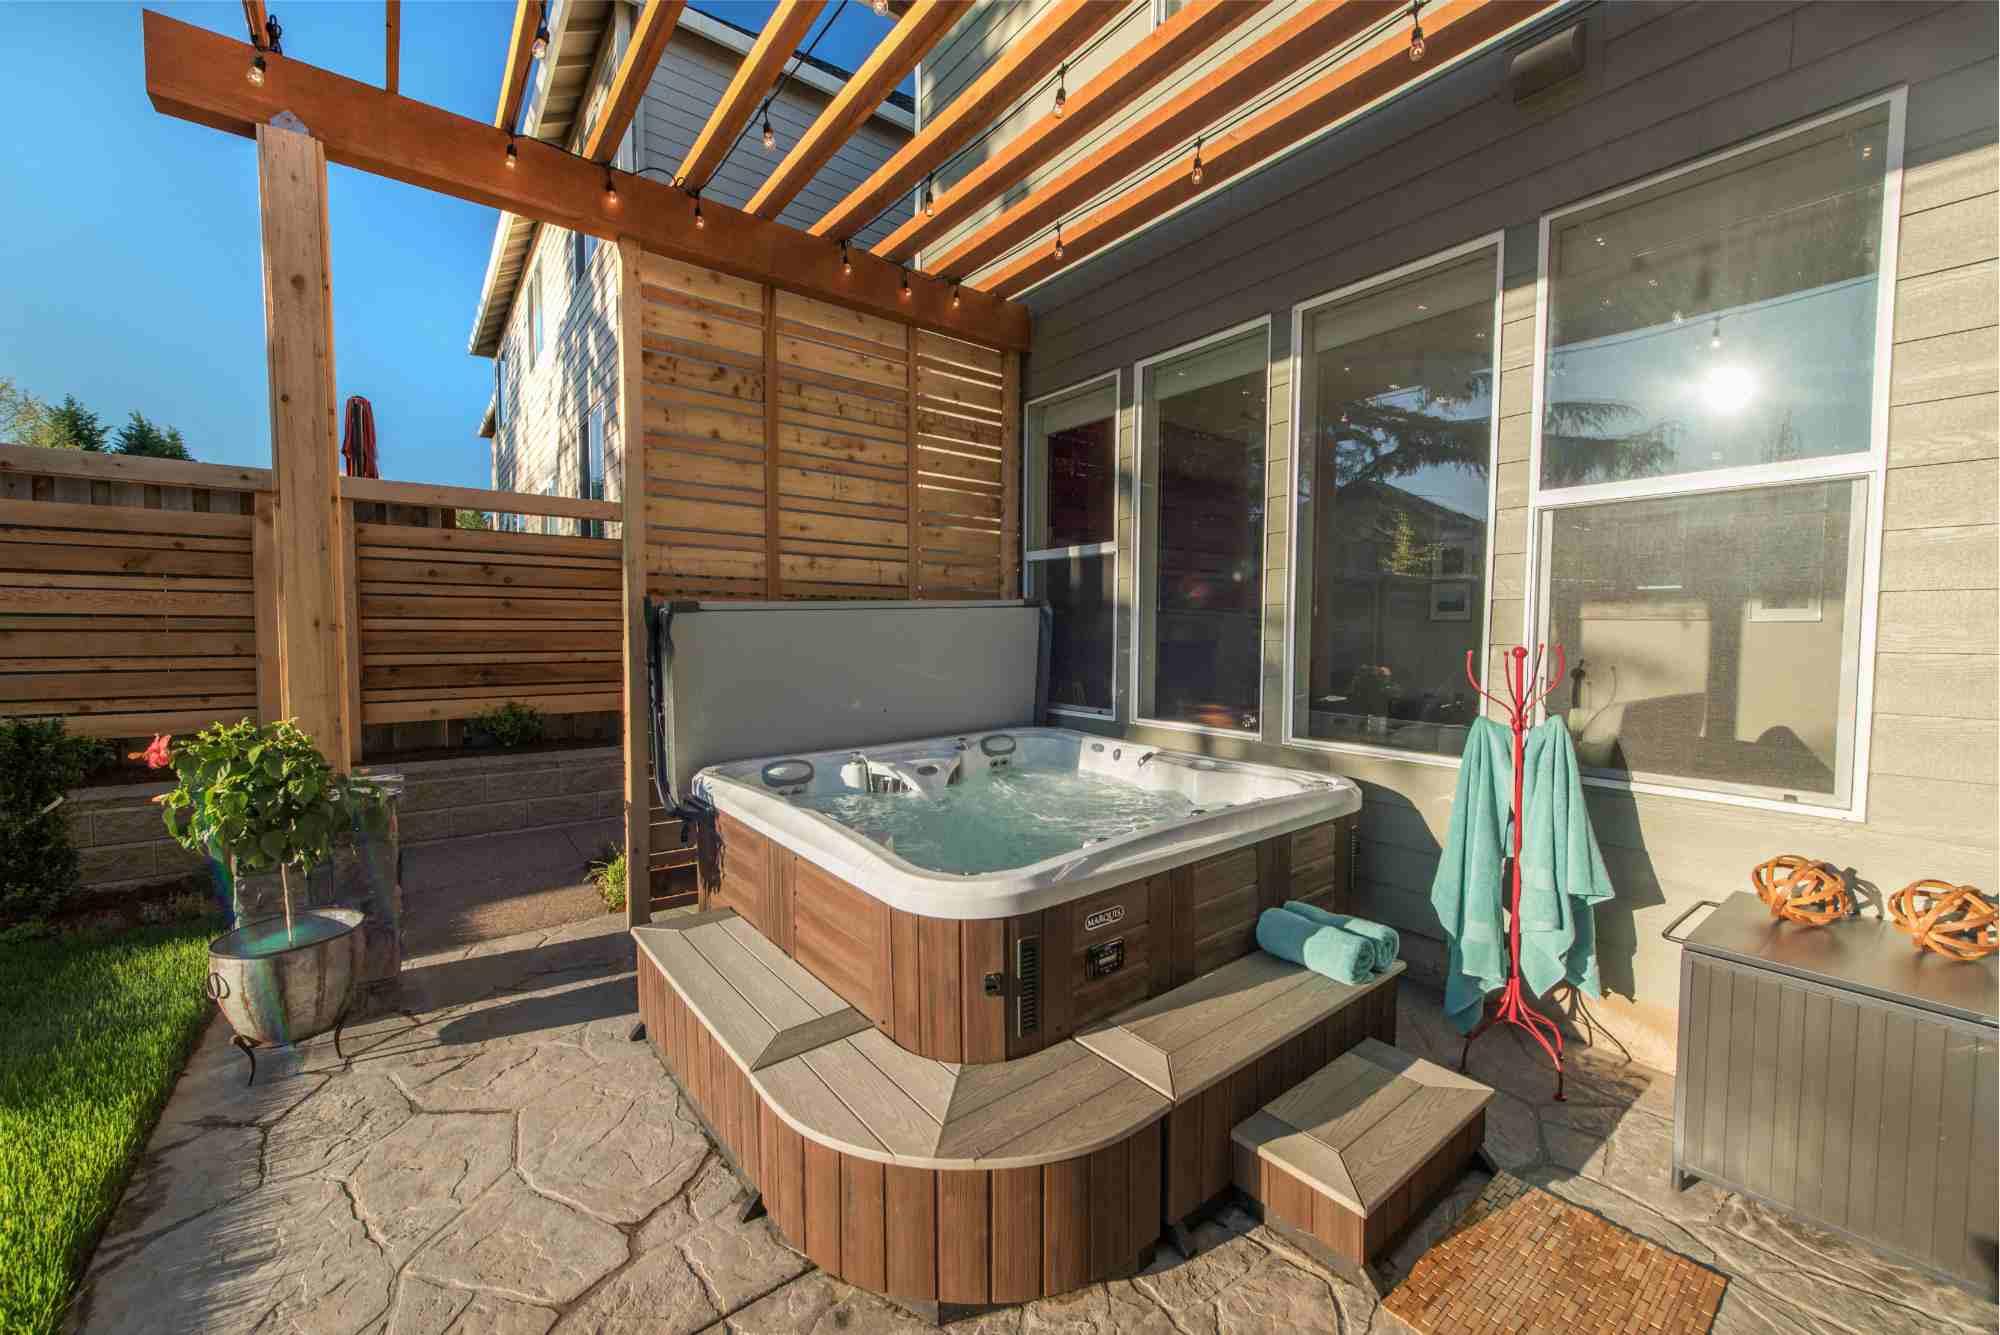 patio con bañera de hidromasaje